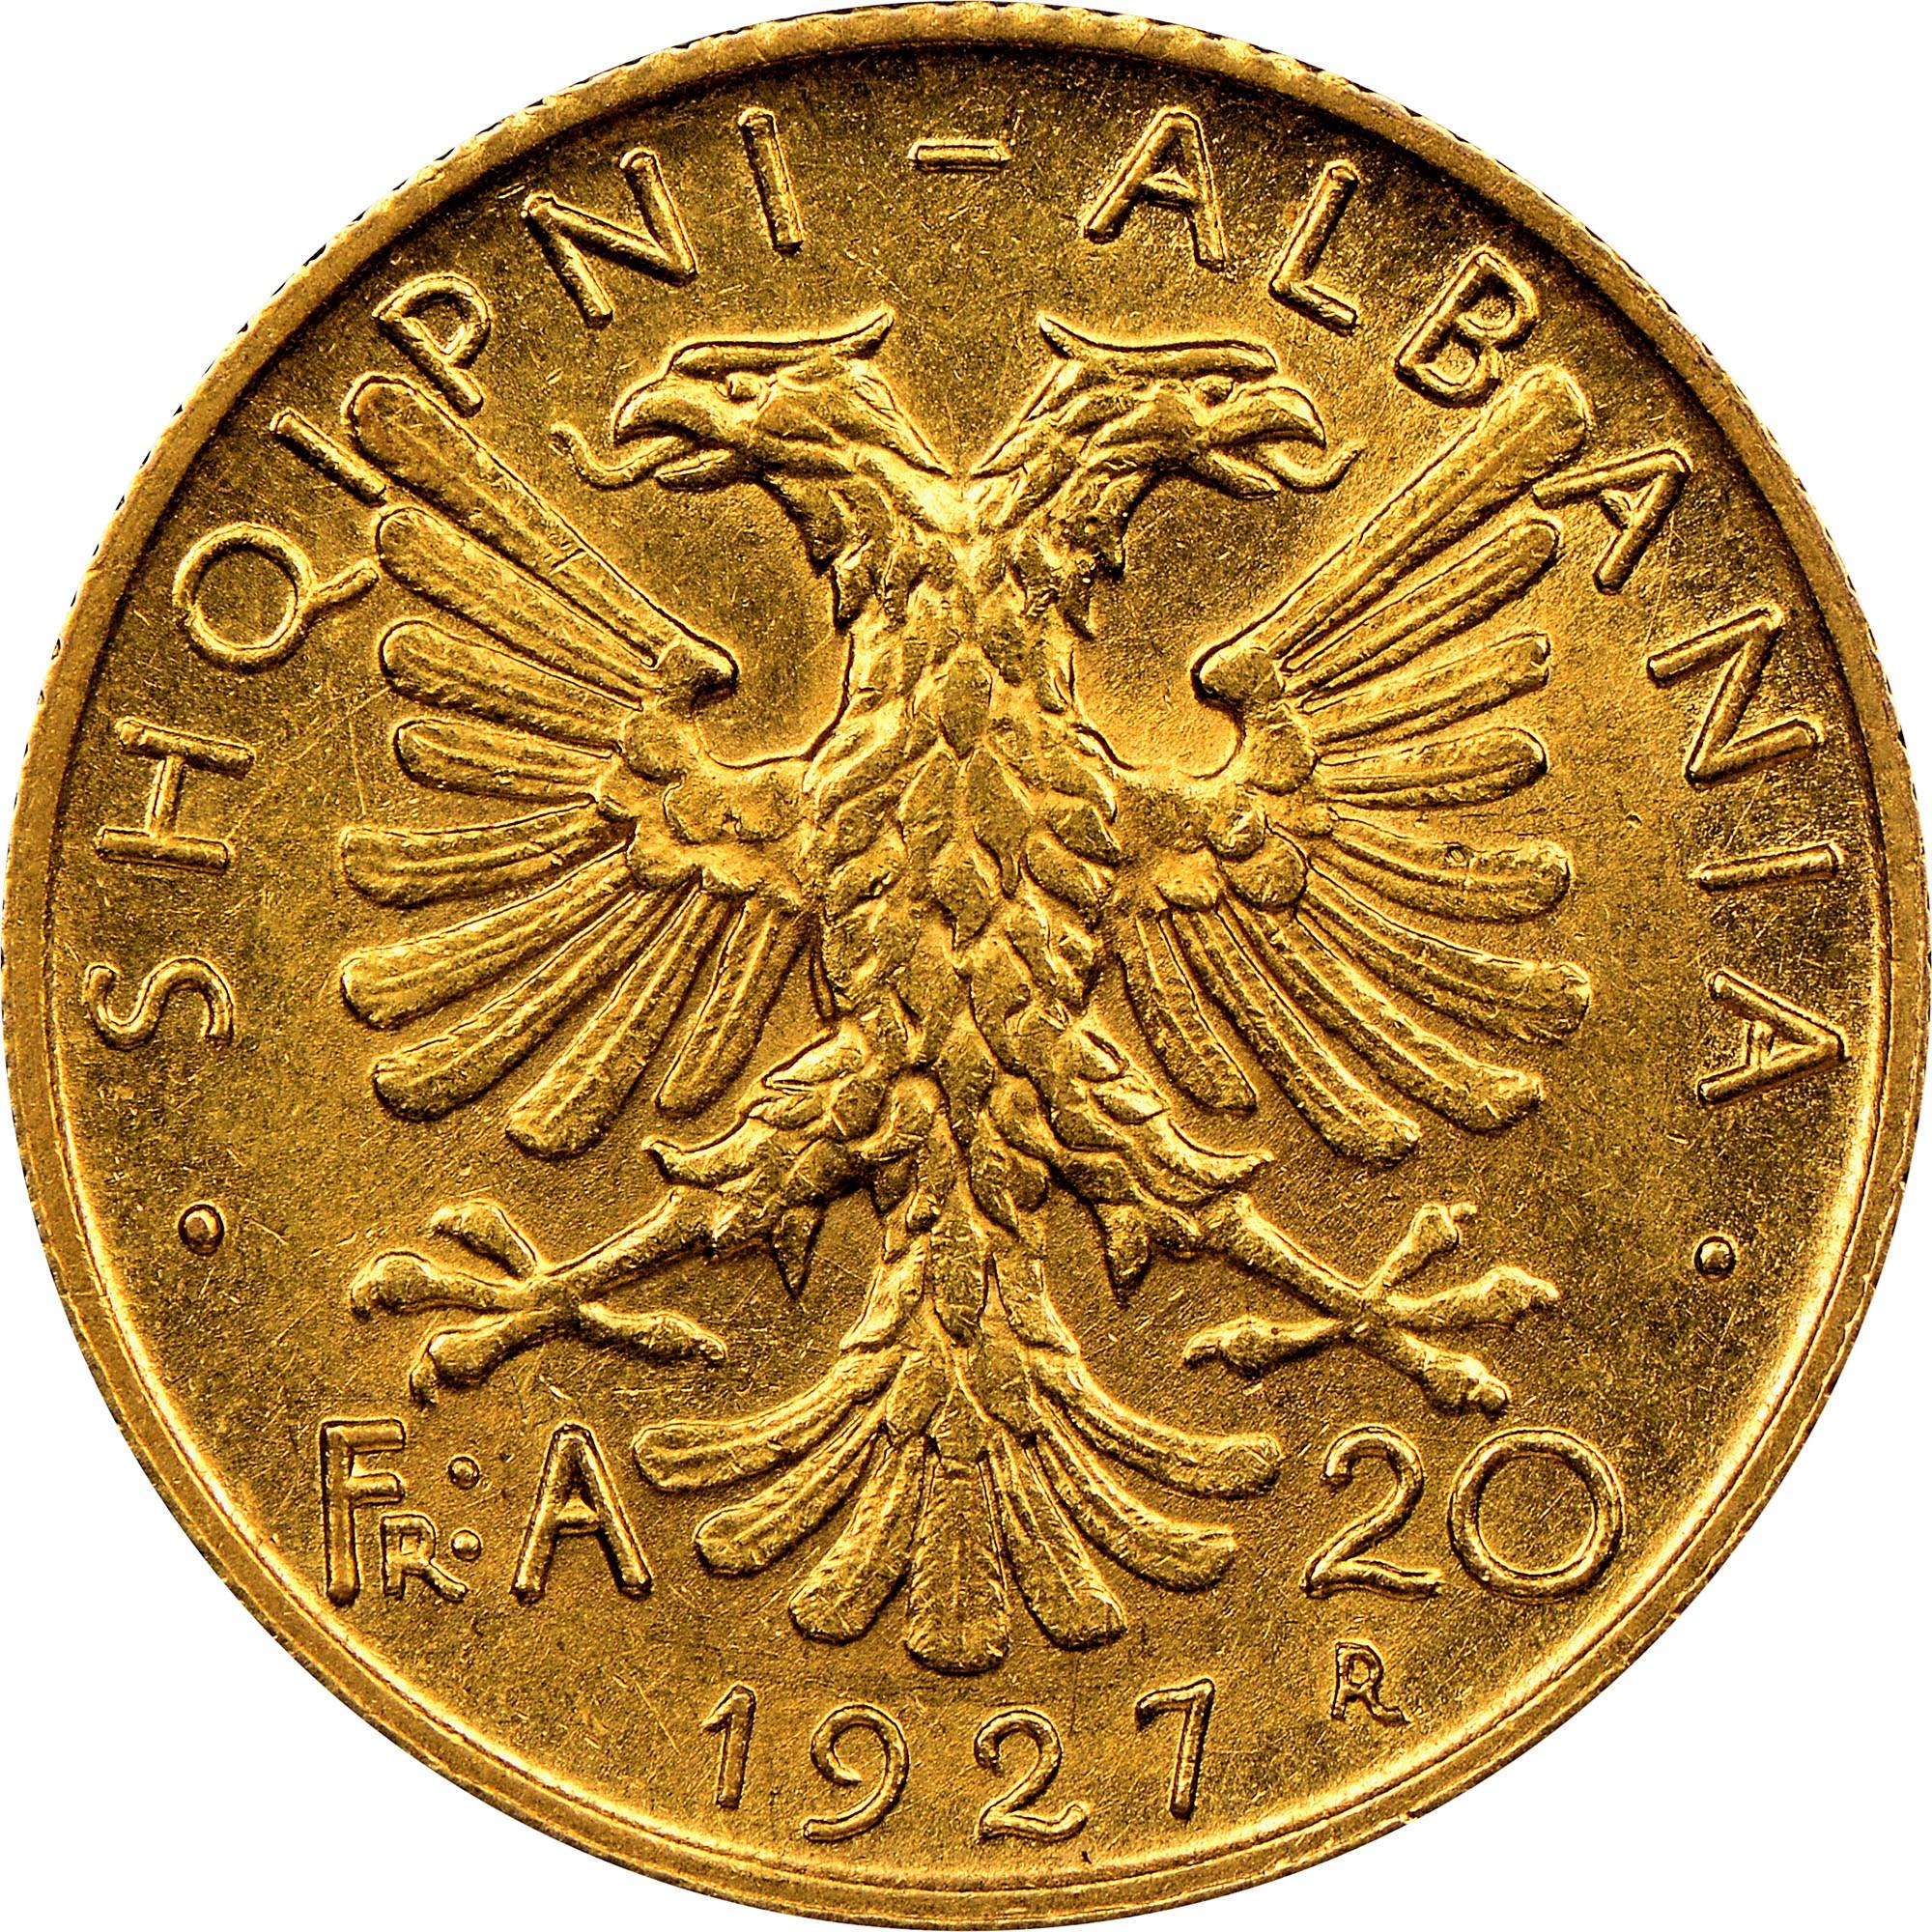 Albania 20 Franga Ari reverse